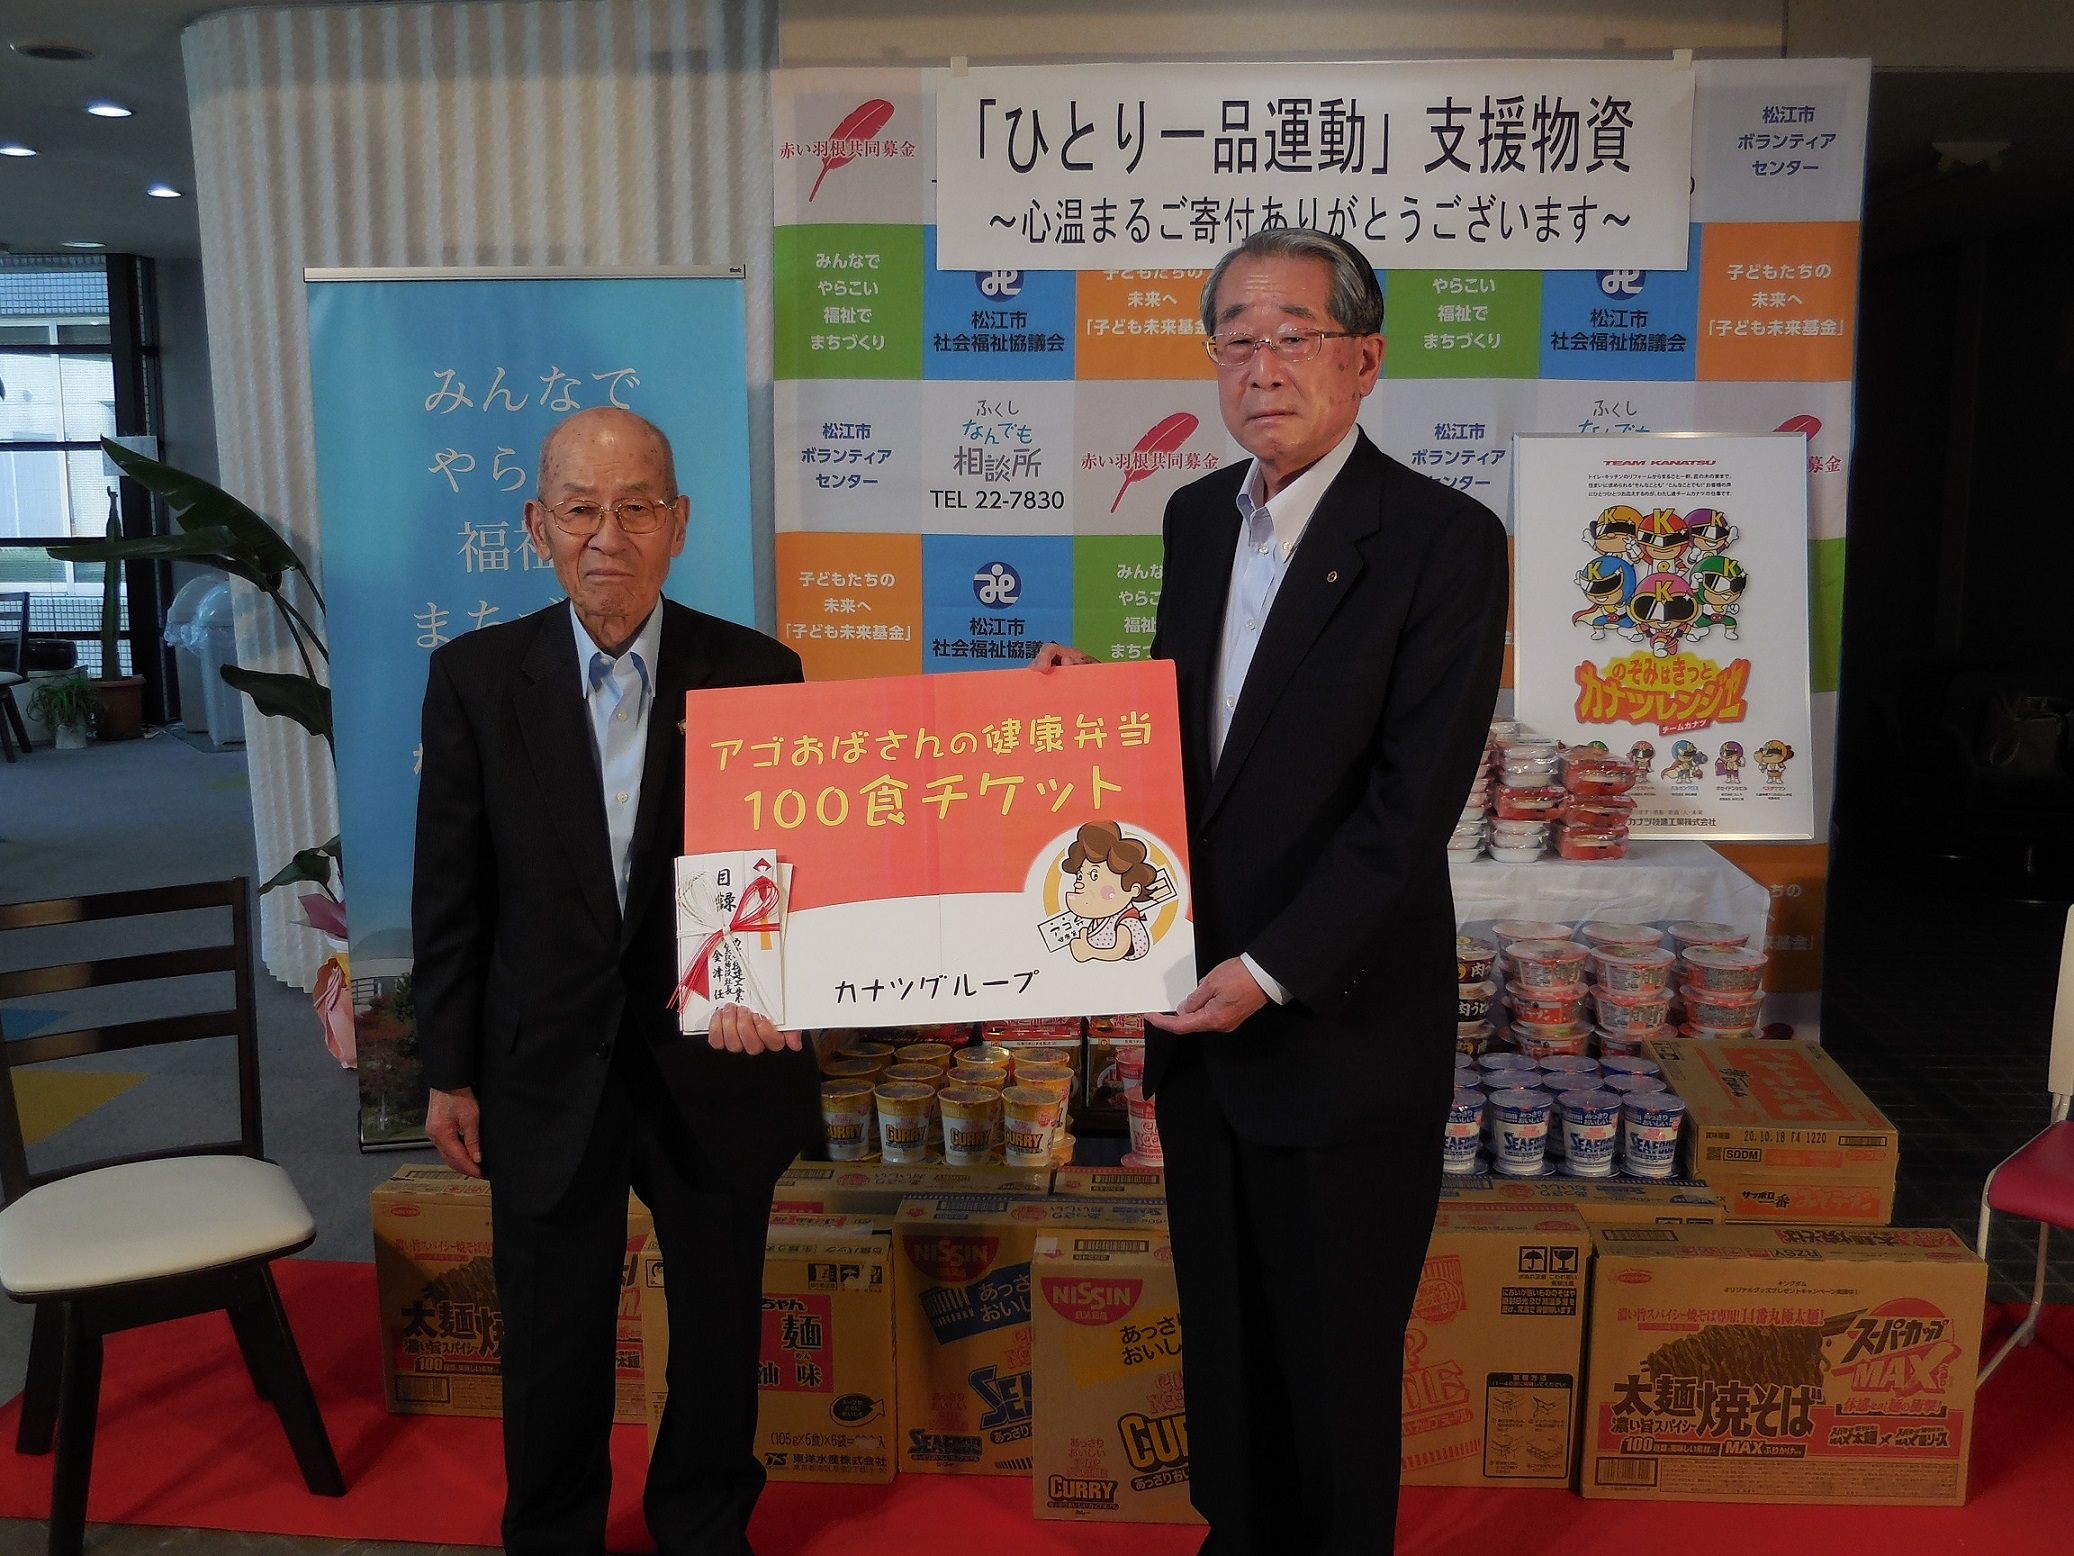 写真(右)金津 任紀代表取締役社長